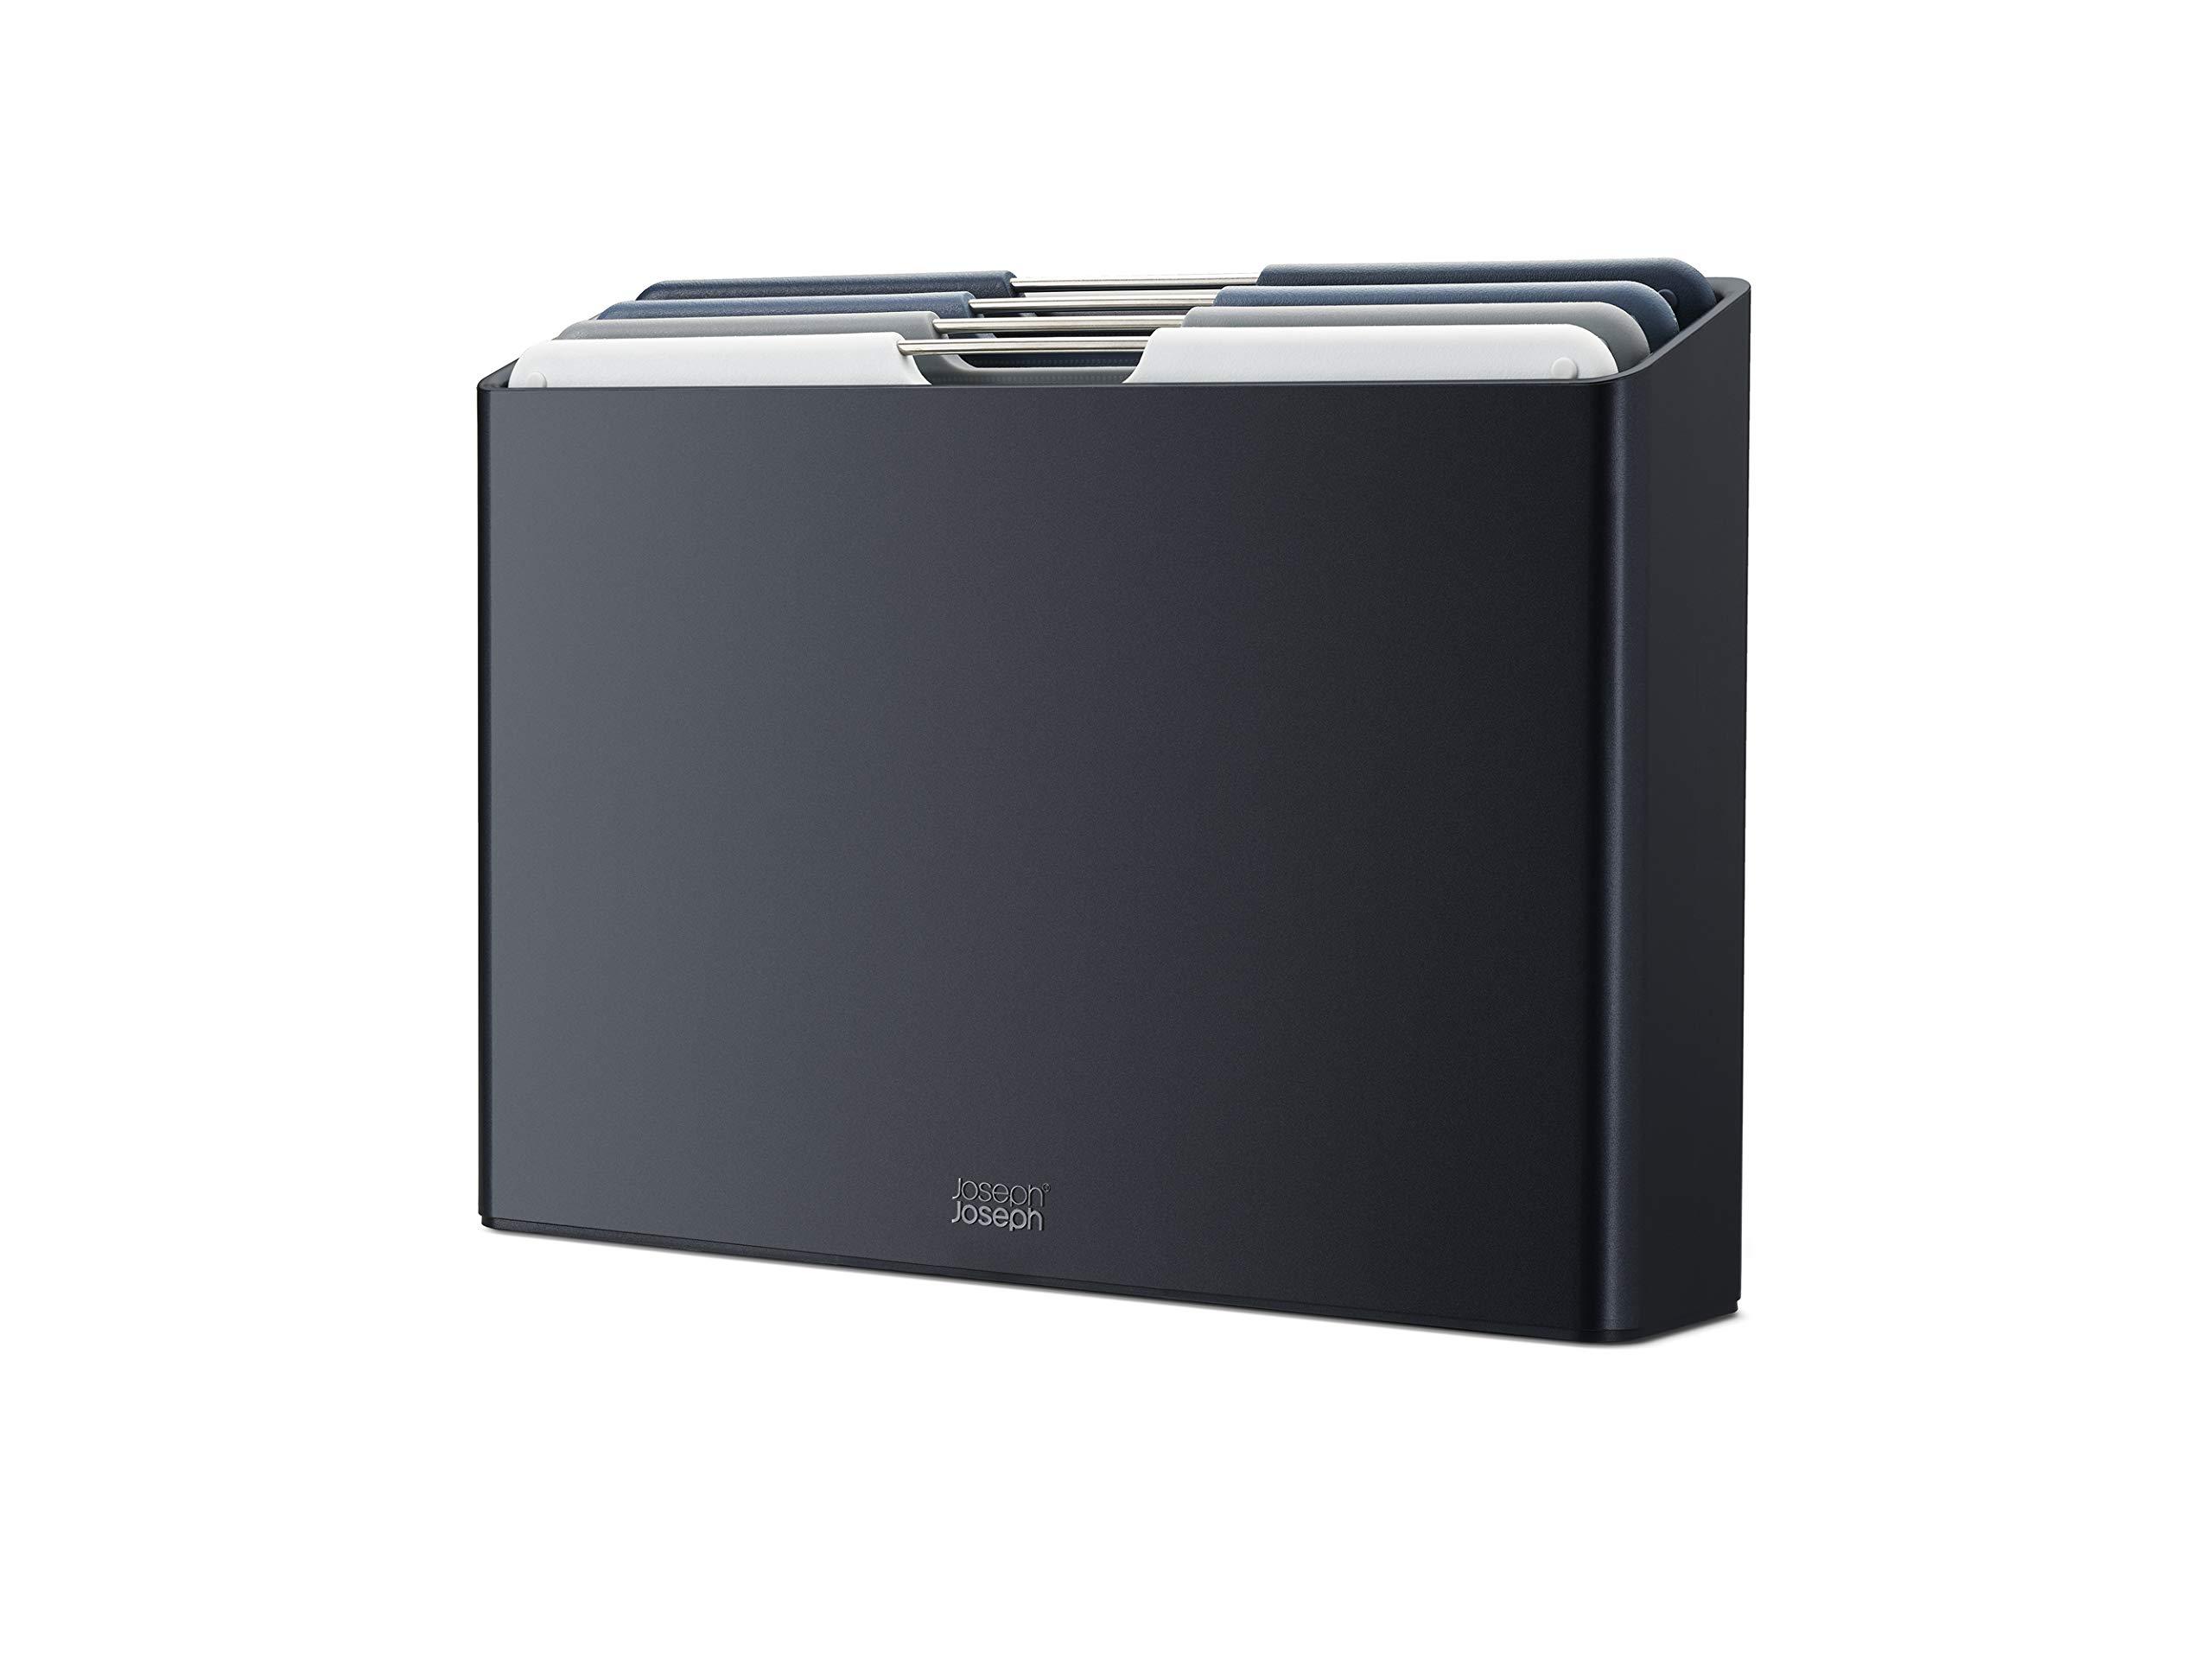 Joseph Joseph Folio Plastic Cutting Board Set with Storage Case Color-Coded Easy-Access Design Dishwasher Safer Non-Slip, Large, Graphite